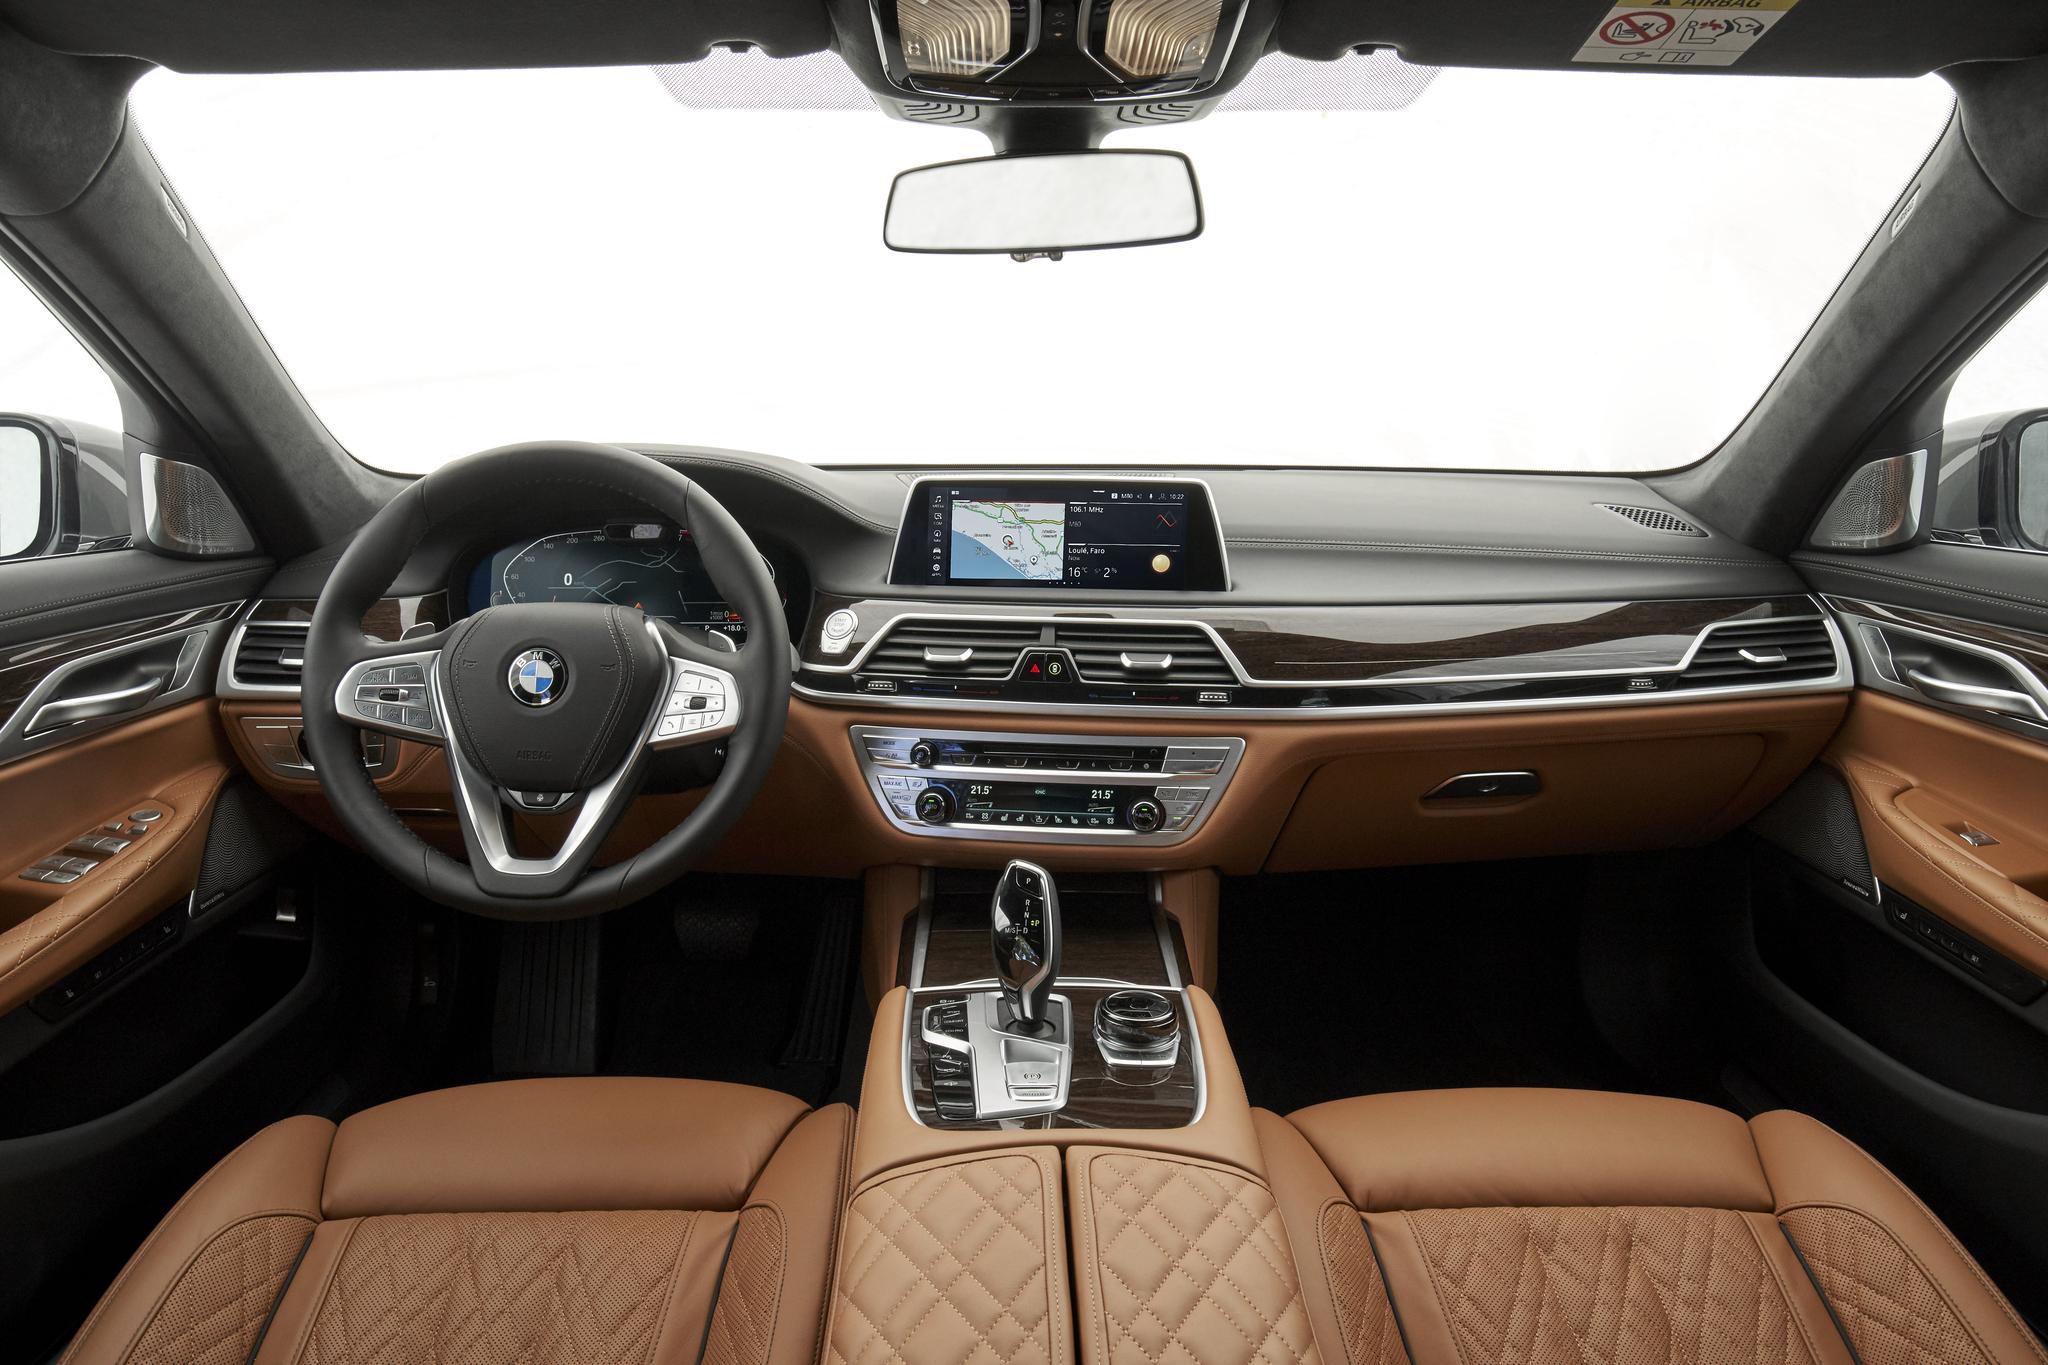 BMW 더 뉴 7시리즈의 운전석과 조수석. 퀼팅 패턴이 적용된 나파 가죽 시트가 고급스럽다. [BMW그룹]